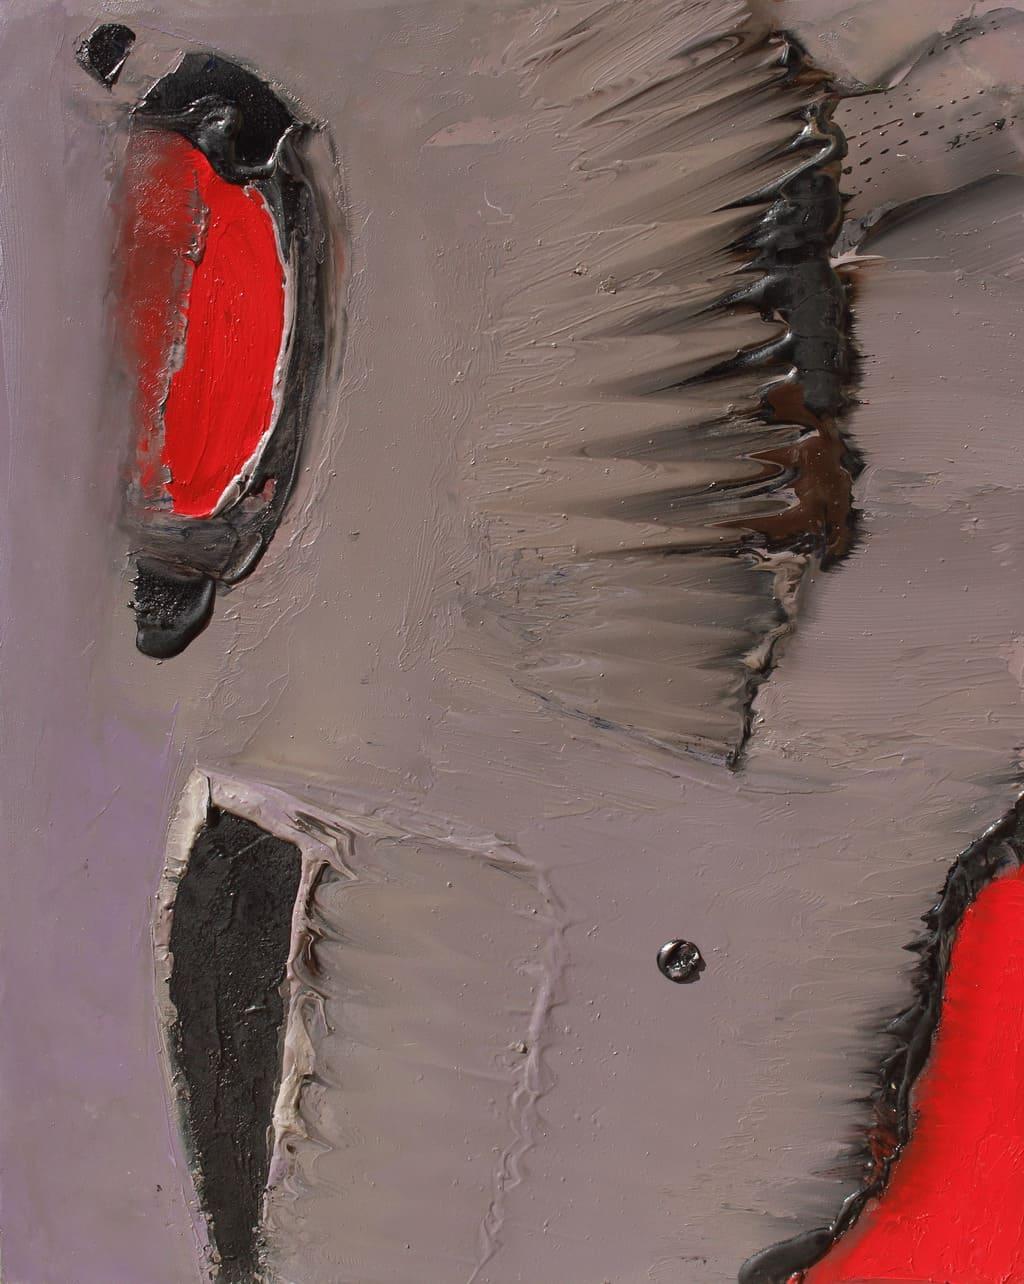 """Erminio Tansini, """"Senza titolo"""", 2000, olio su tavola, 50x40 cm. © Erminio Tansini"""